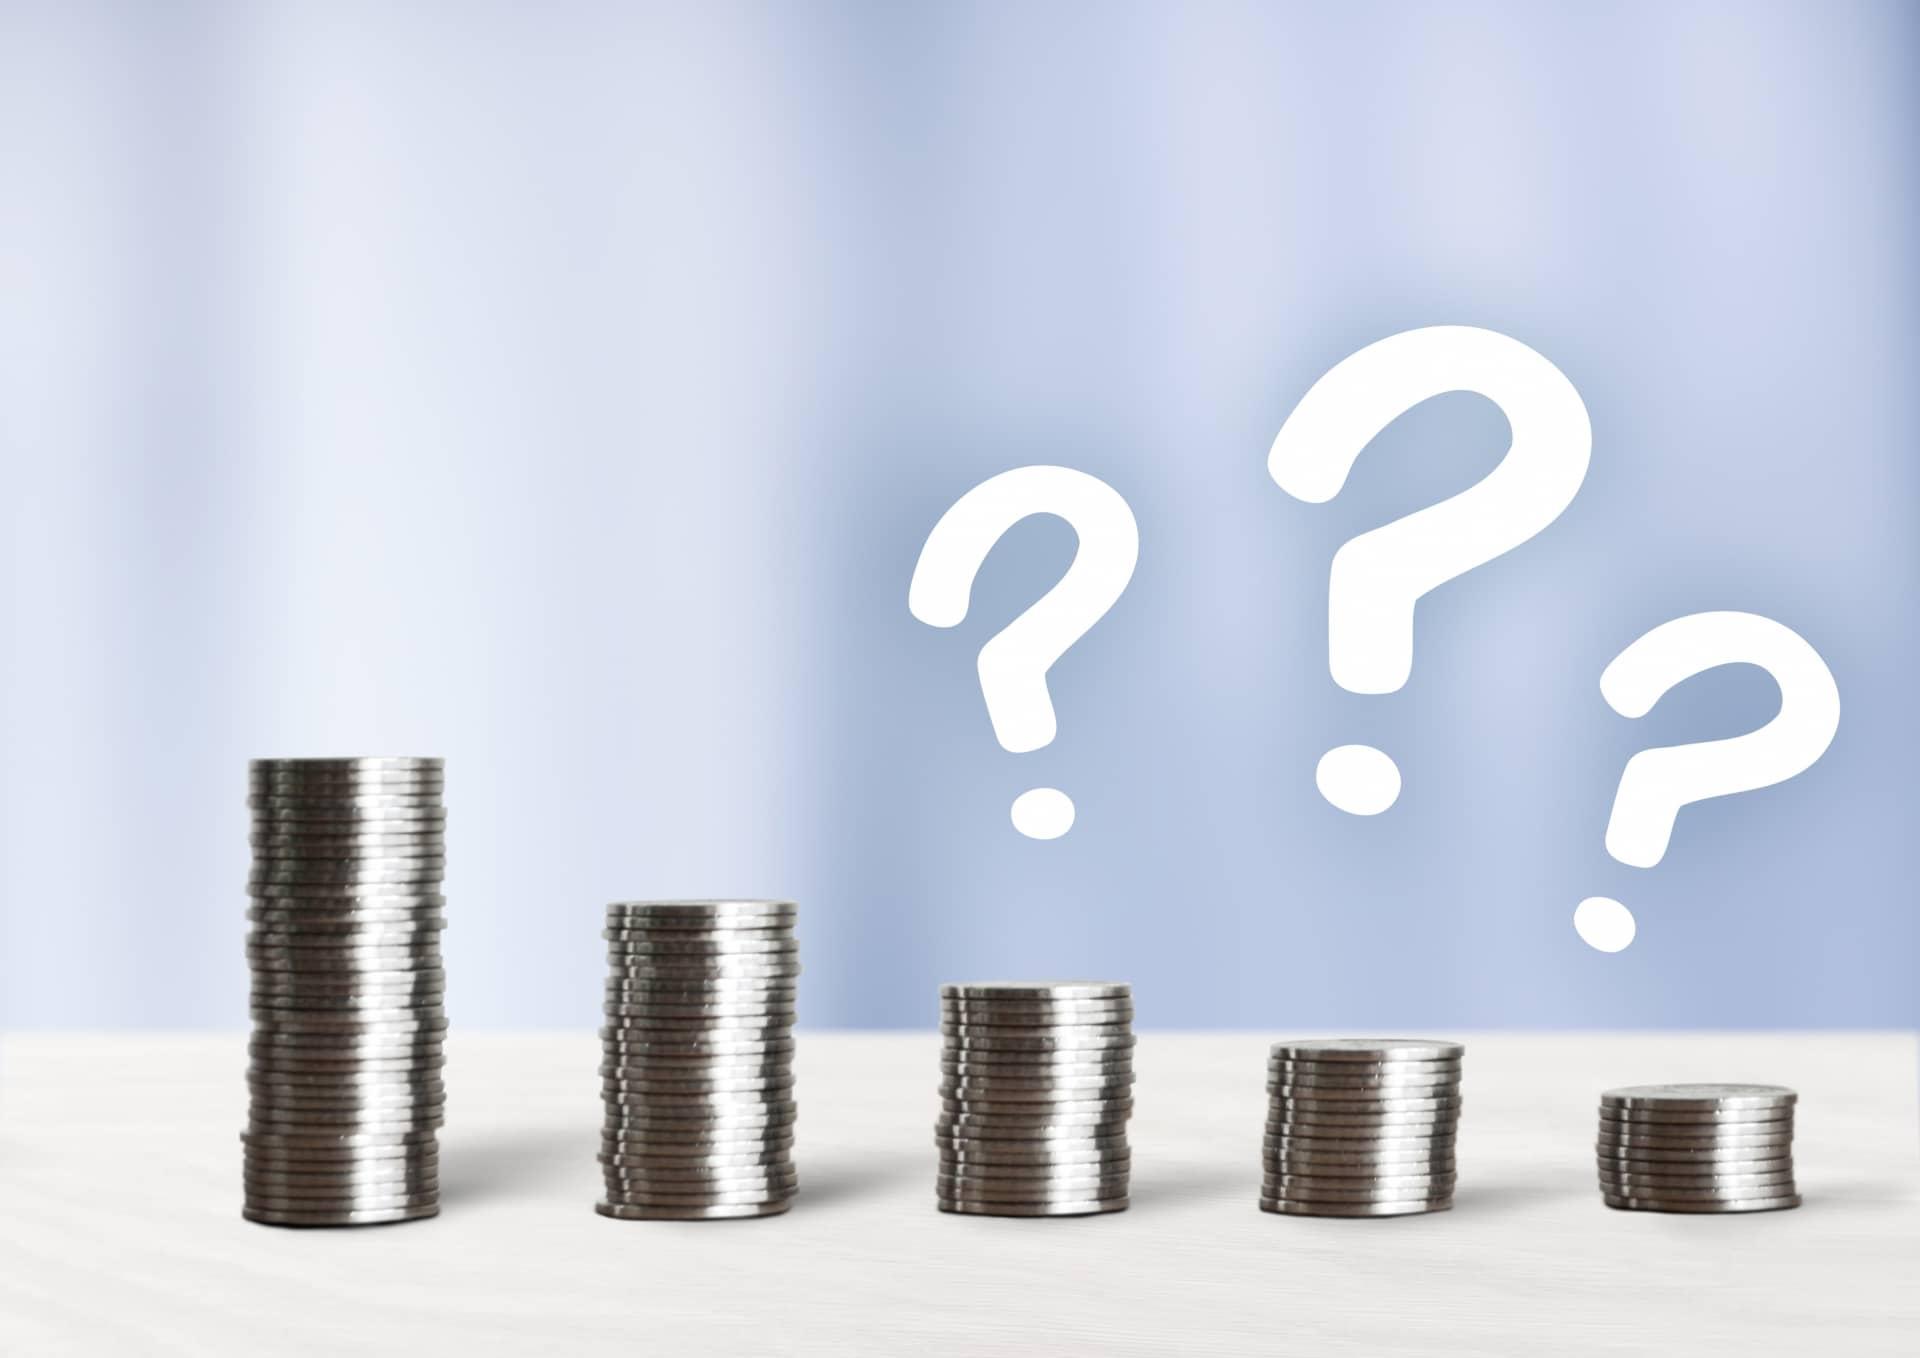 給与前払いサービスの手数料は誰の負担?手数料の仕組みについて徹底解説